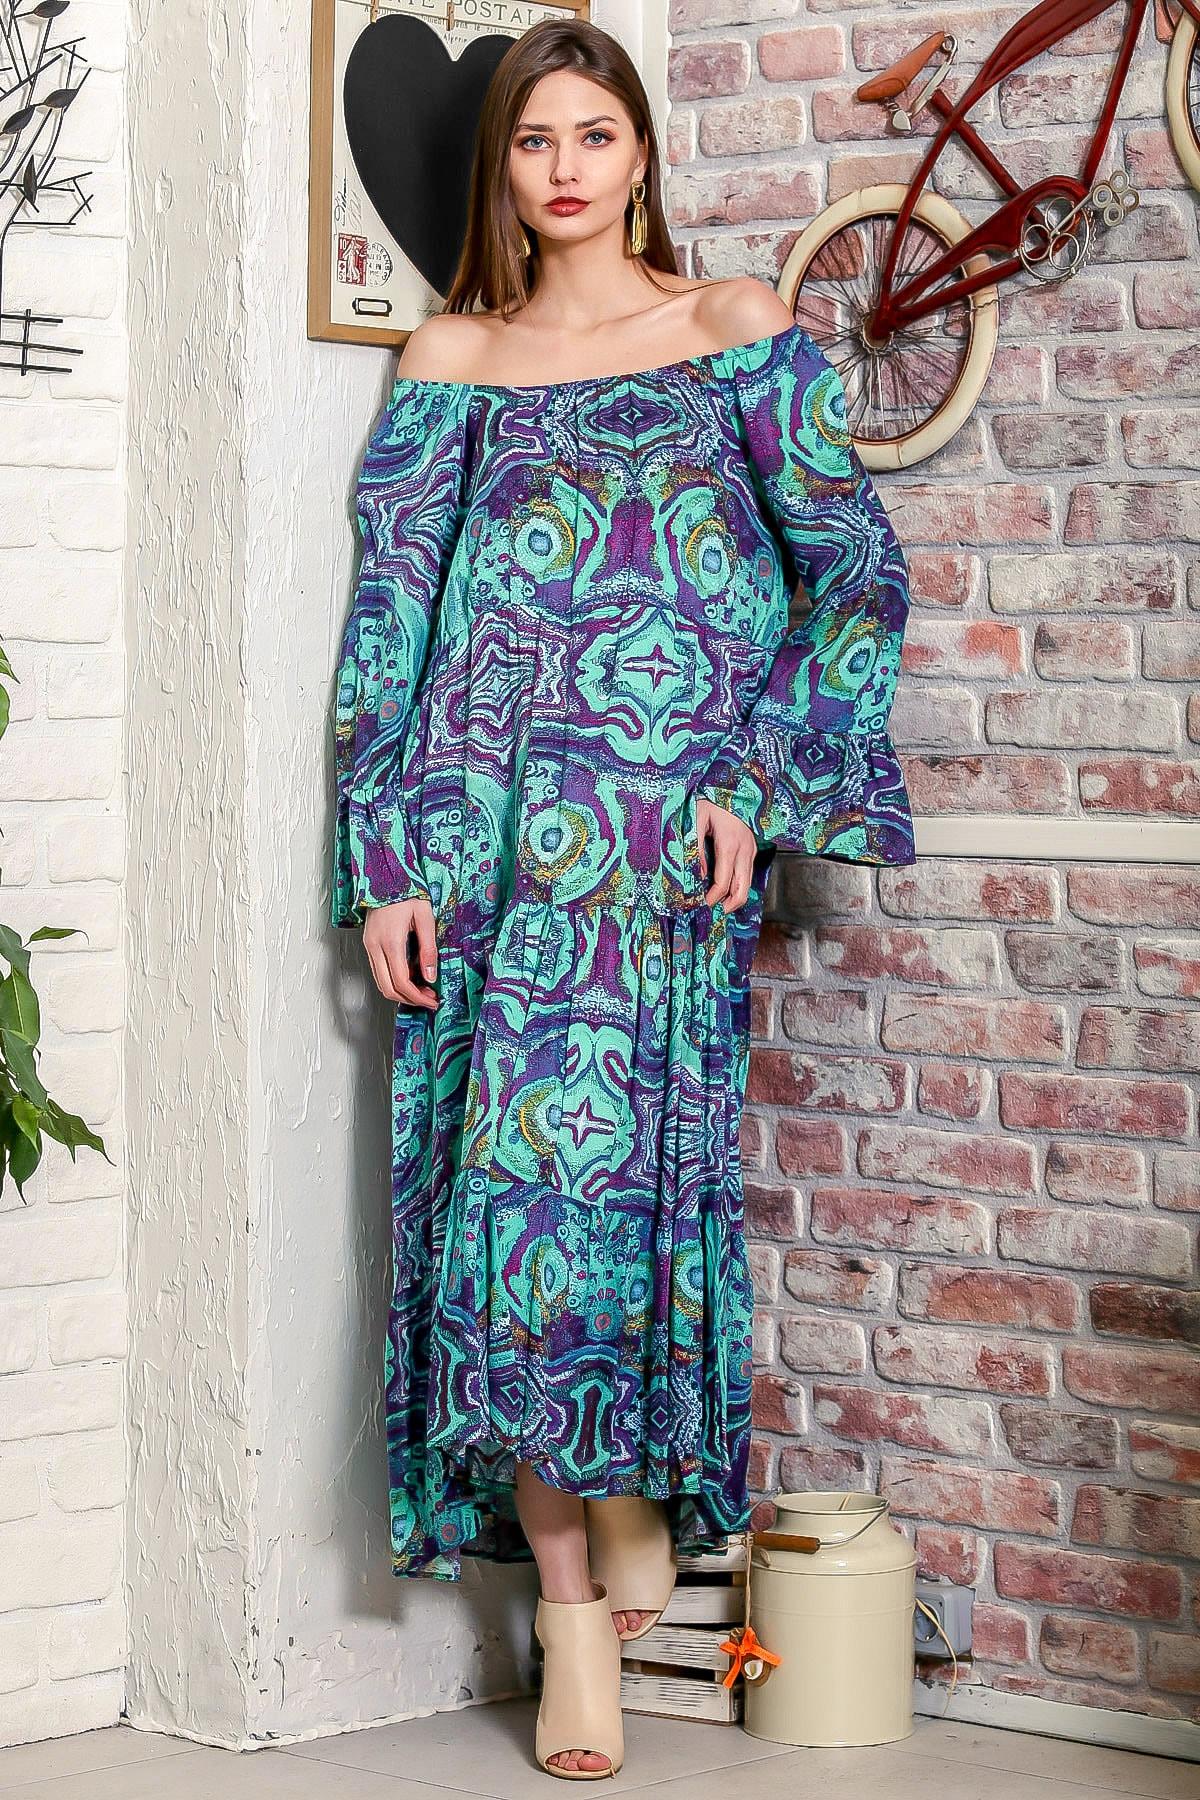 Chiccy Kadın Yeşil Carmen Yaka Sulu Boya Desenli Kol Ucu Volanlı Salaş Dokuma Elbise M10160000EL95906 1